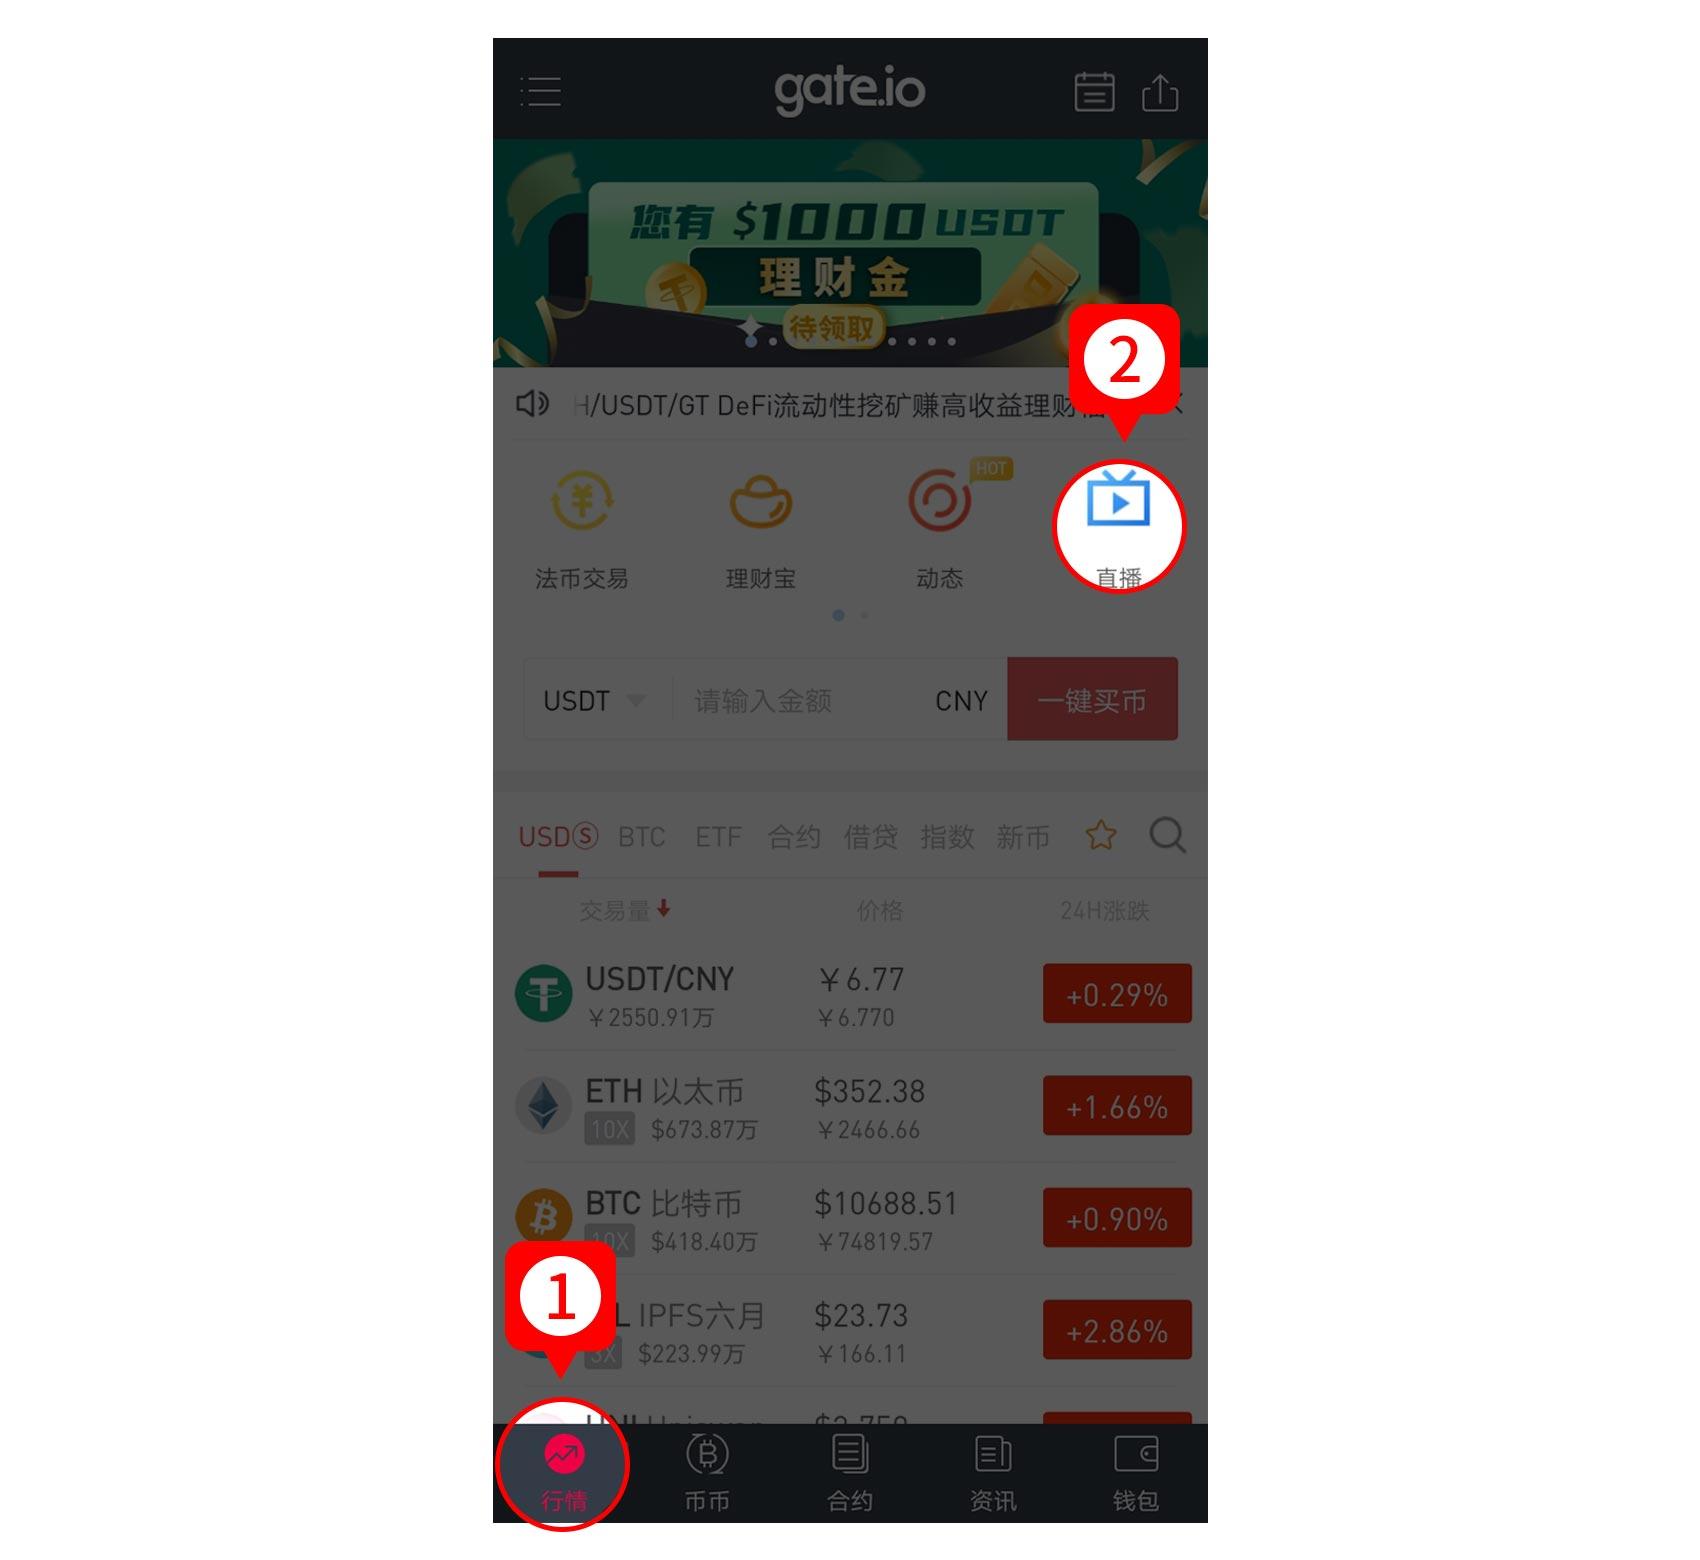 Gate.io直播:老司机答疑时间,每日实盘策略,币圈热点解析,新技术科普等节目即将开播